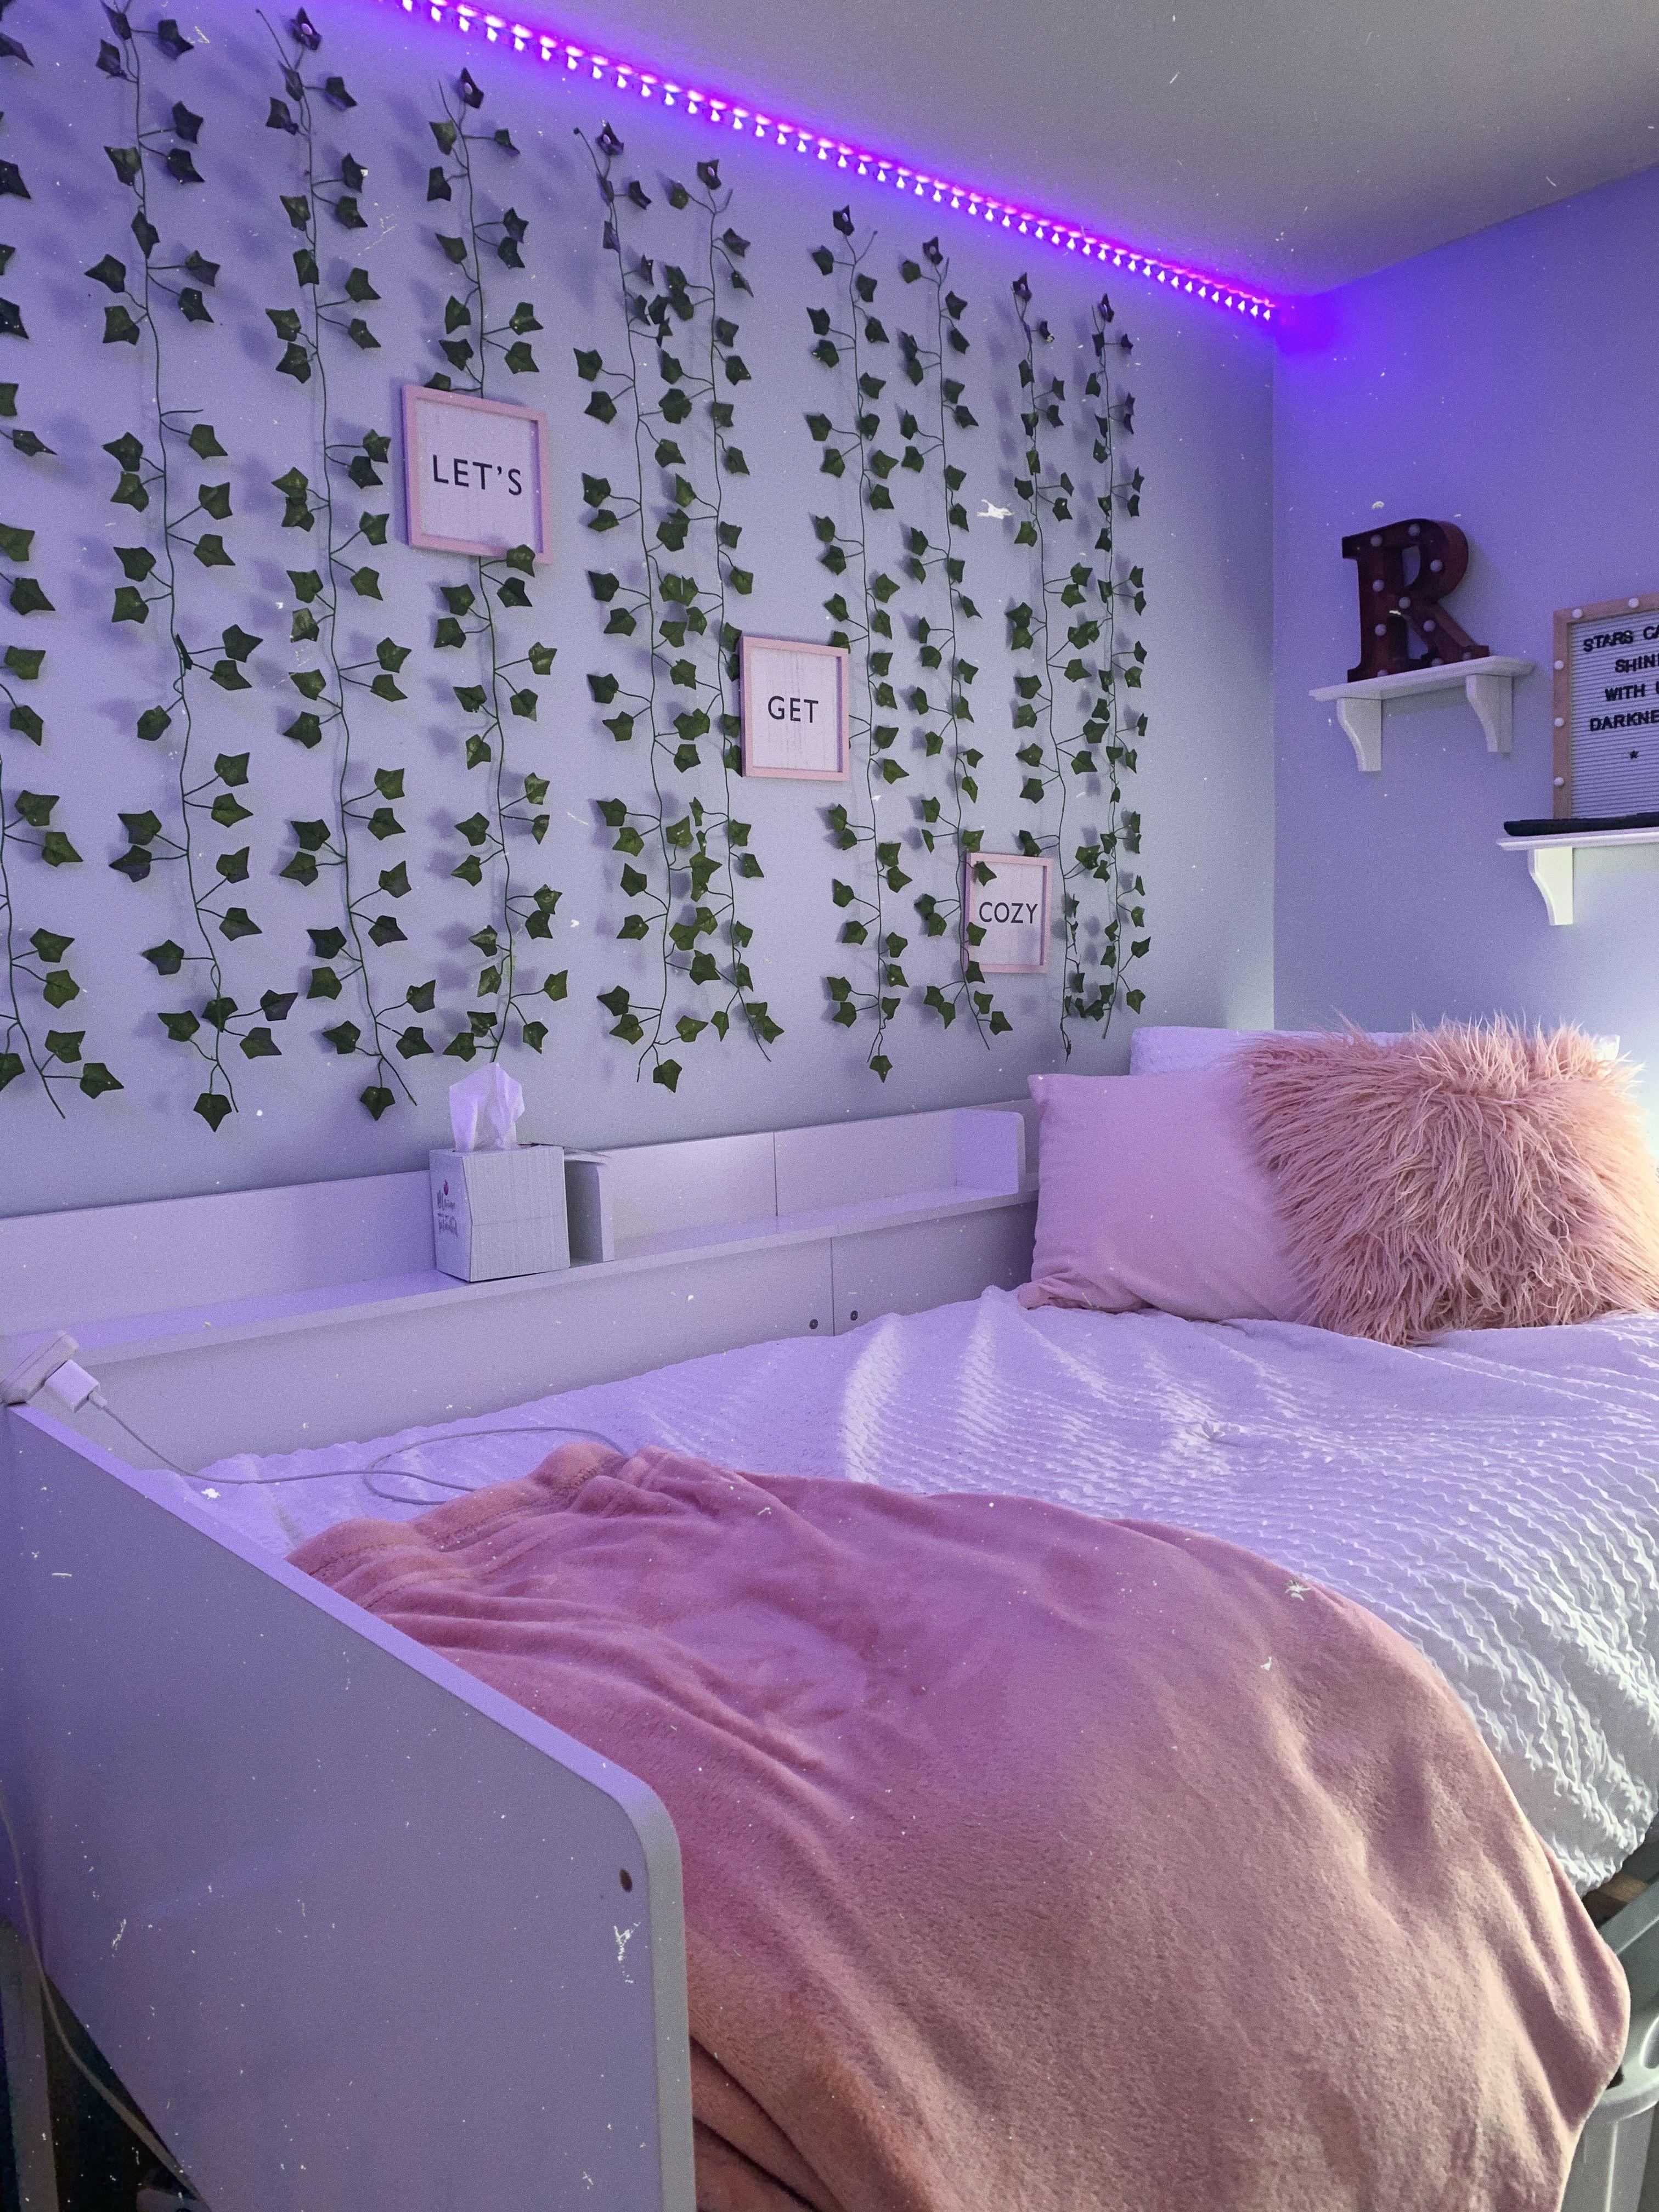 Let S Get Cozy In 2020 Redecorate Bedroom Room Ideas Bedroom Room Inspiration Bedroom